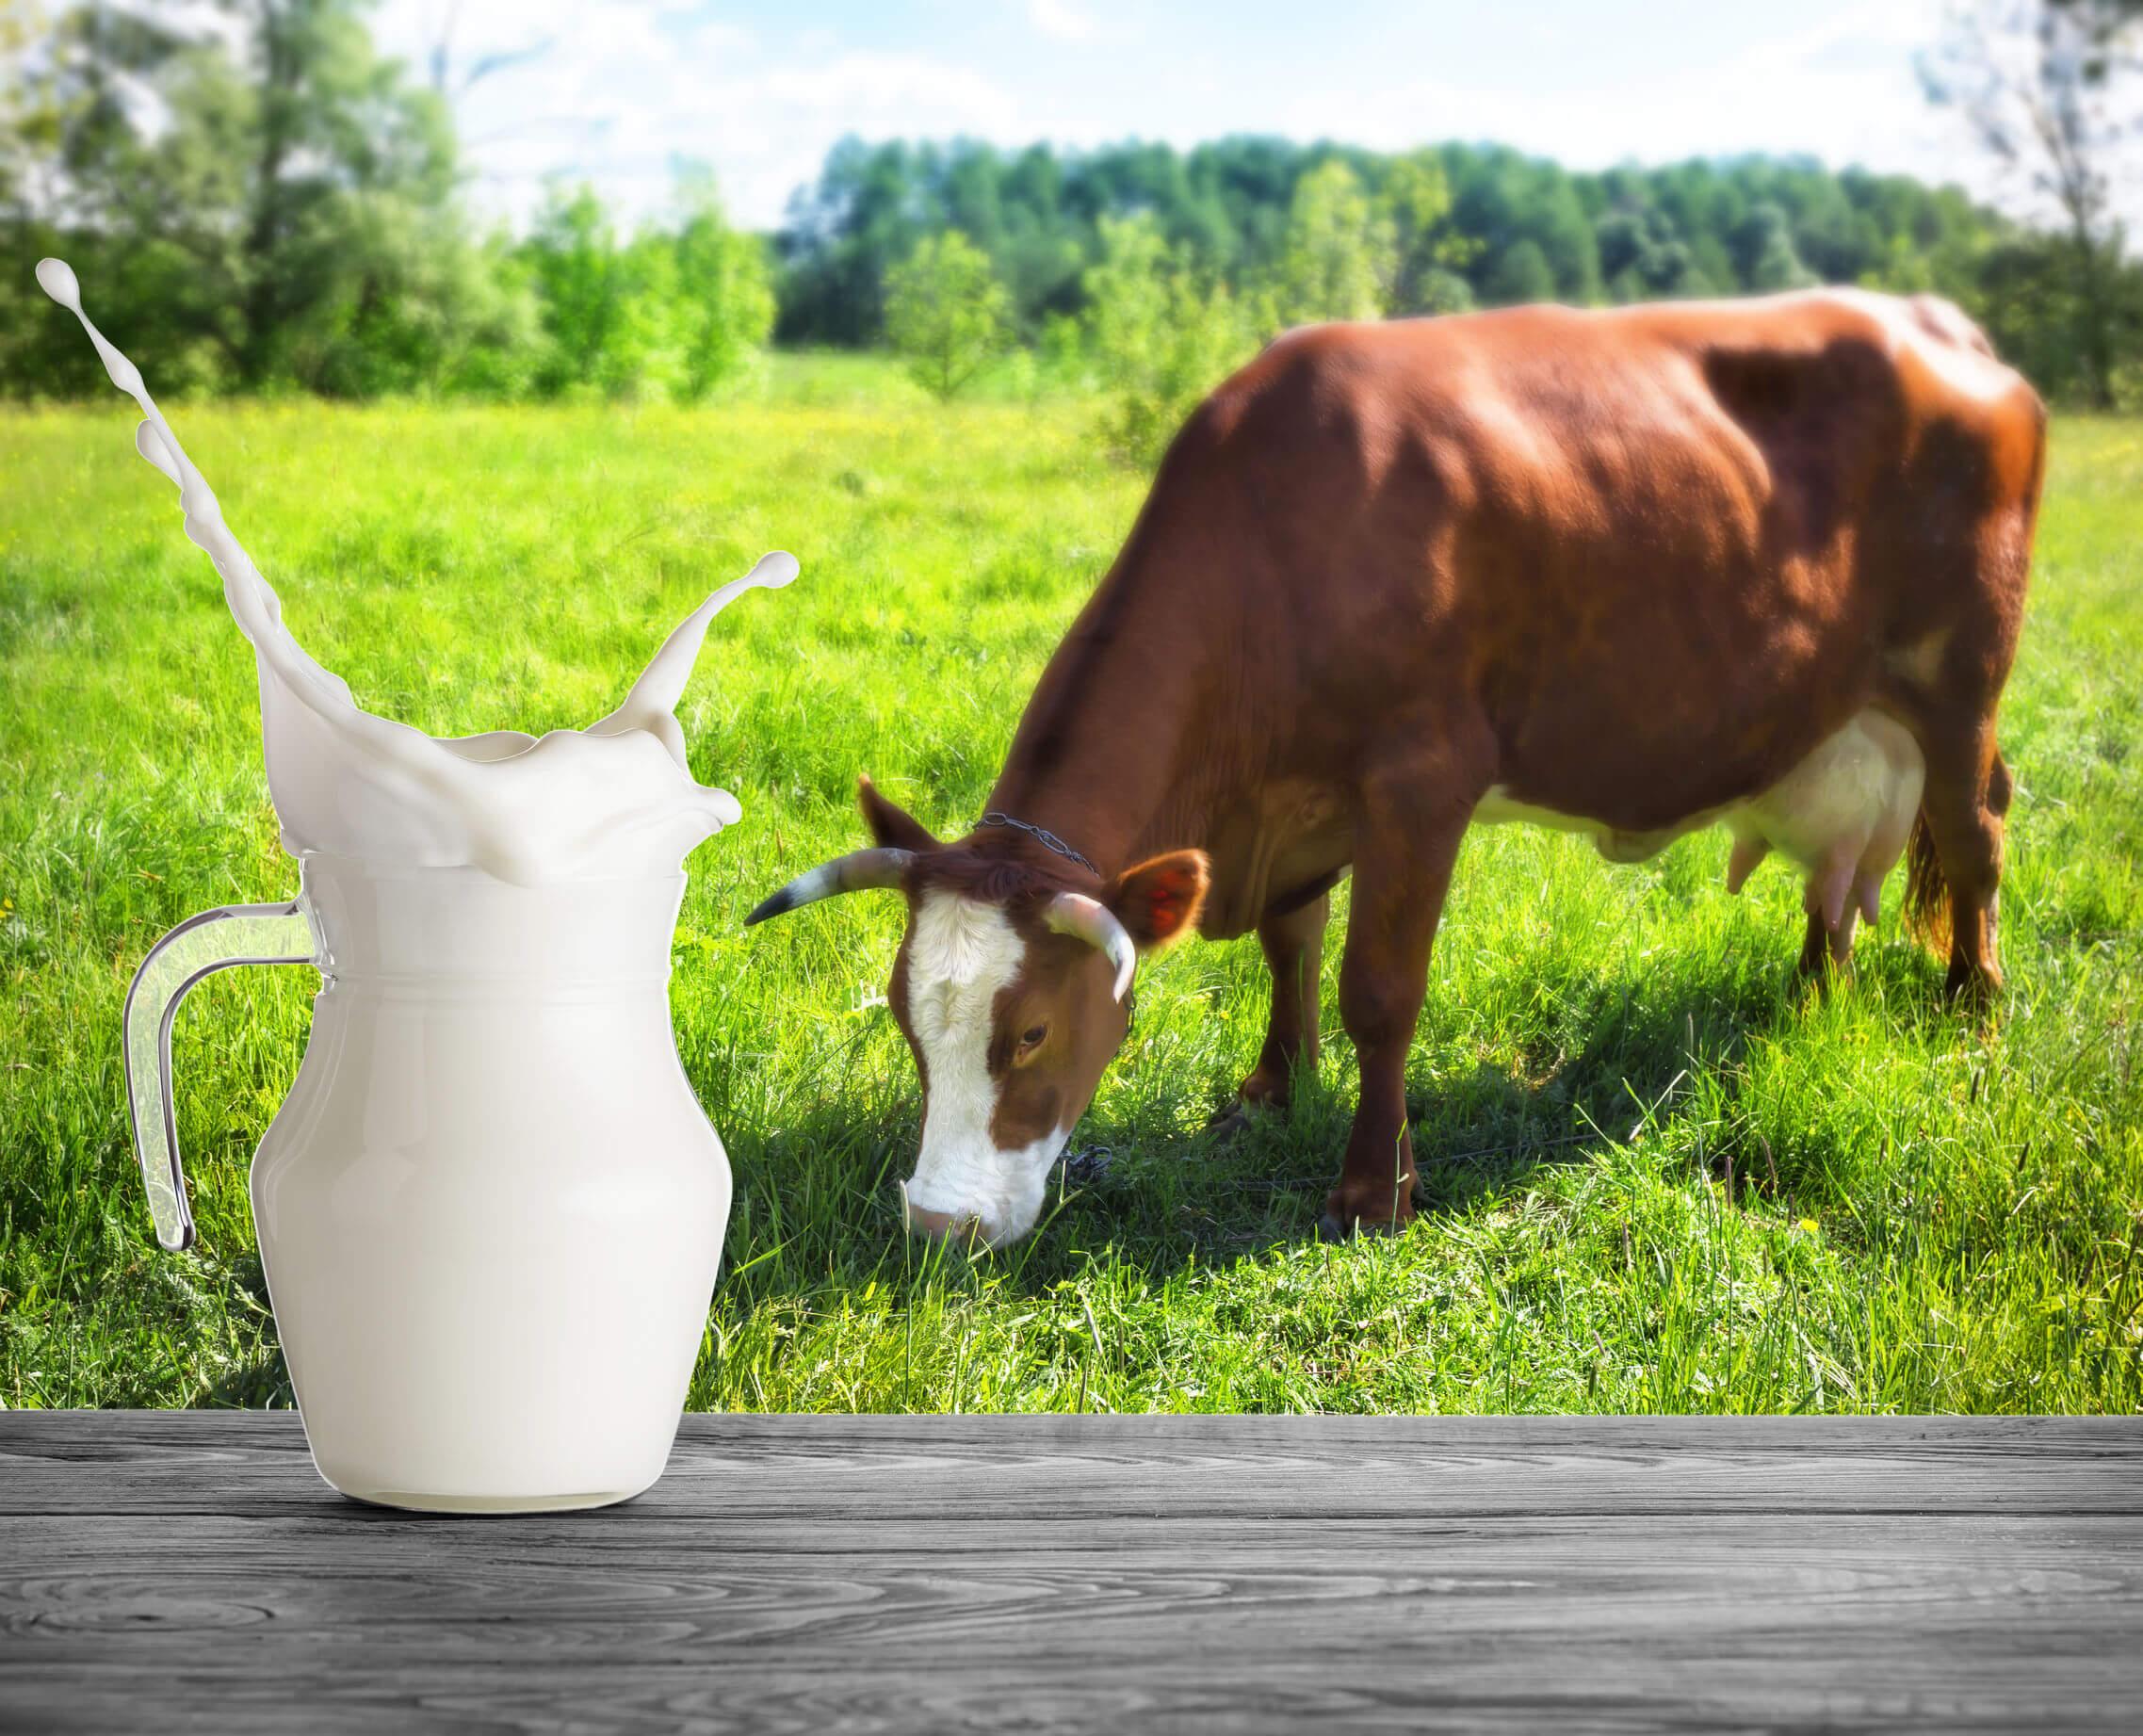 Al comparar la leche descremada versus leche entera podría existir controversia.